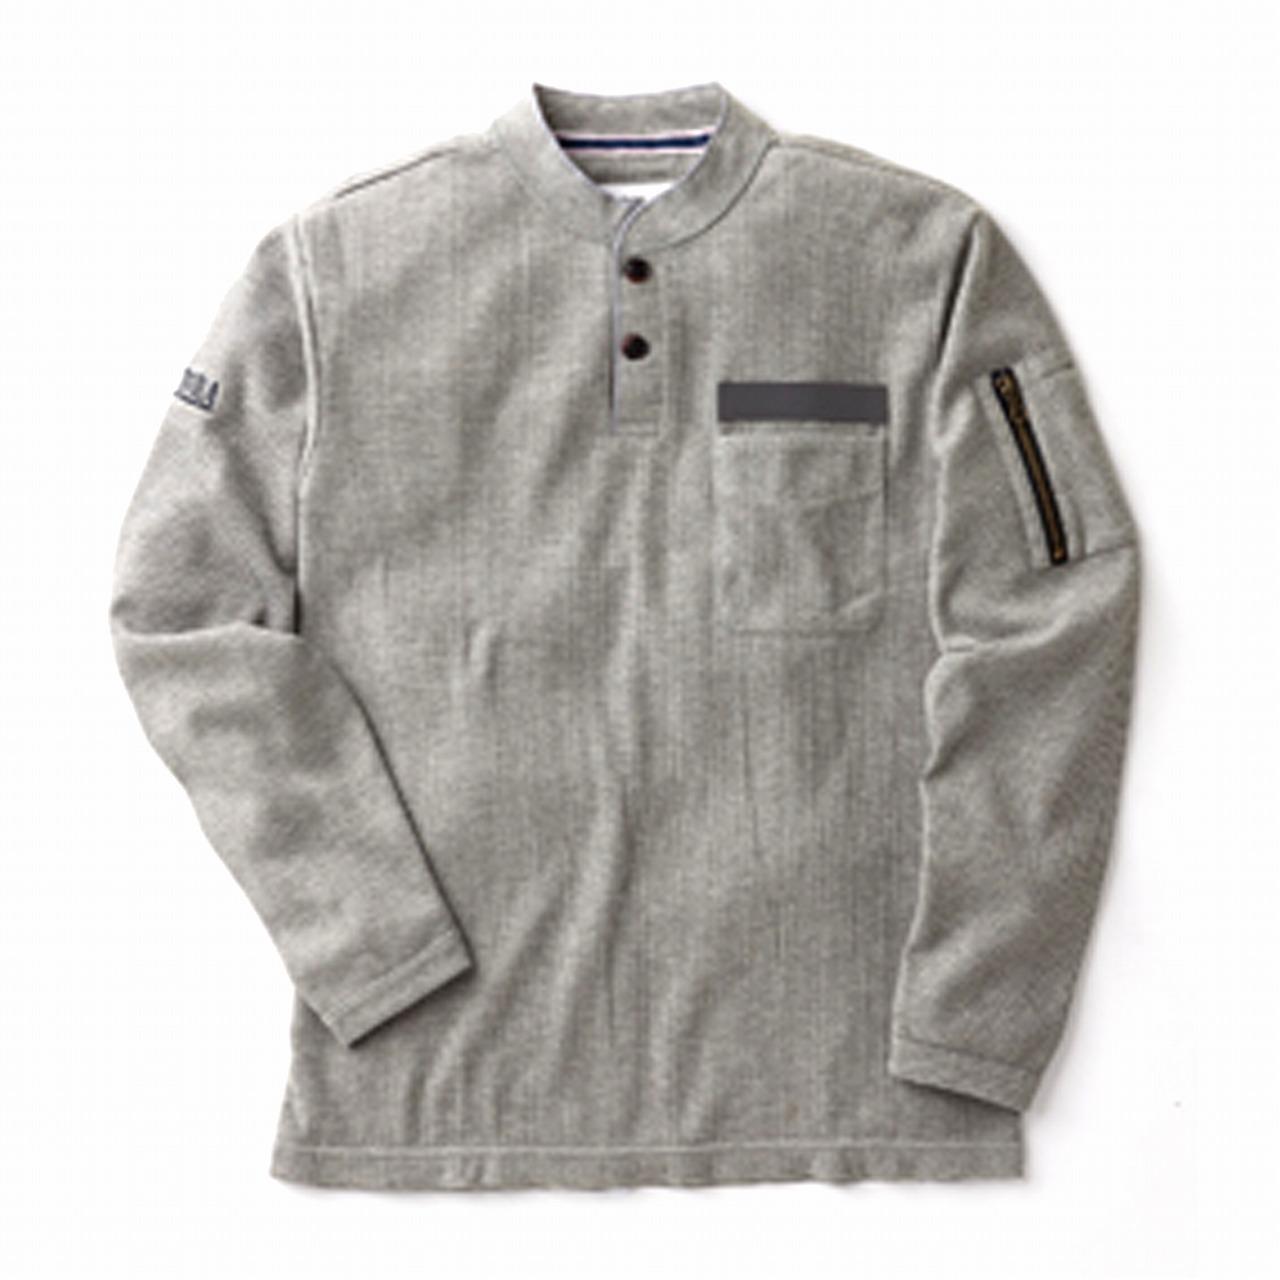 長袖Tヘンリーネックシャツ 5761-635